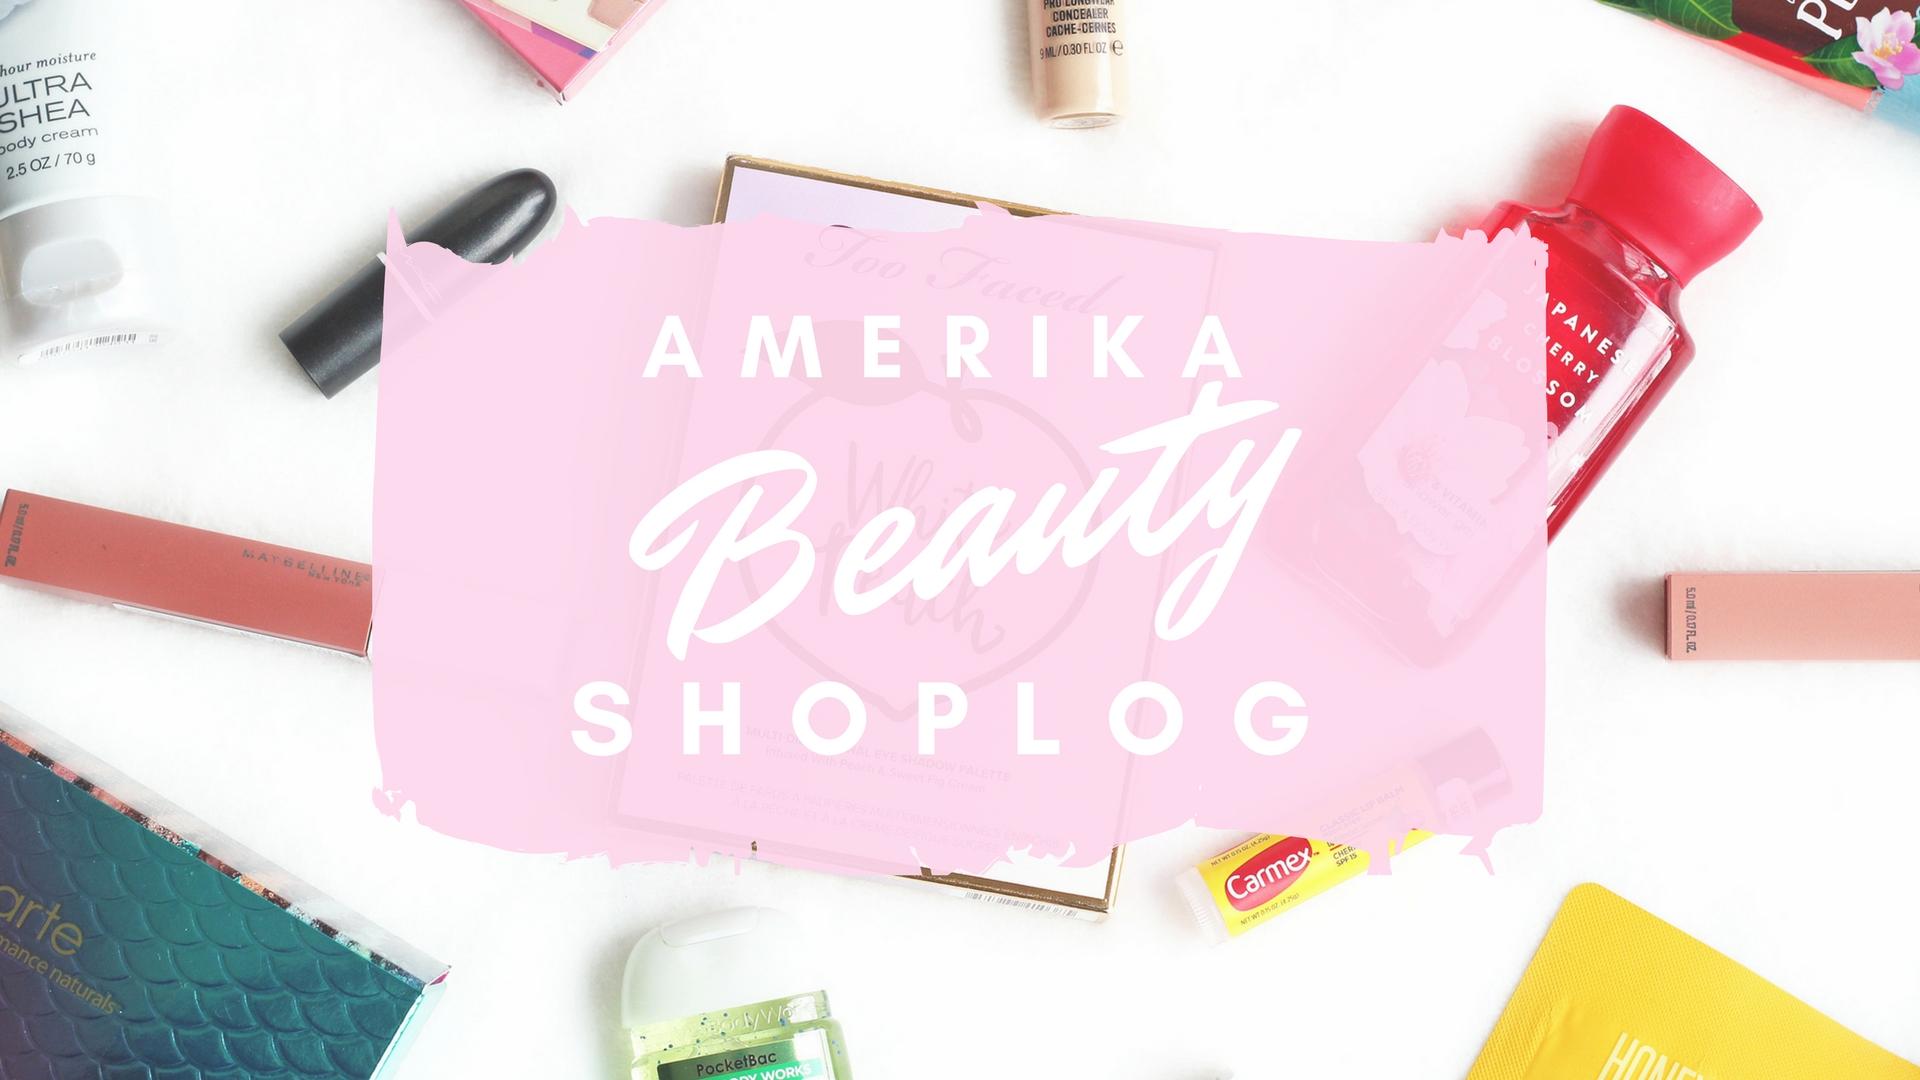 amerika beauty shoplog 2018